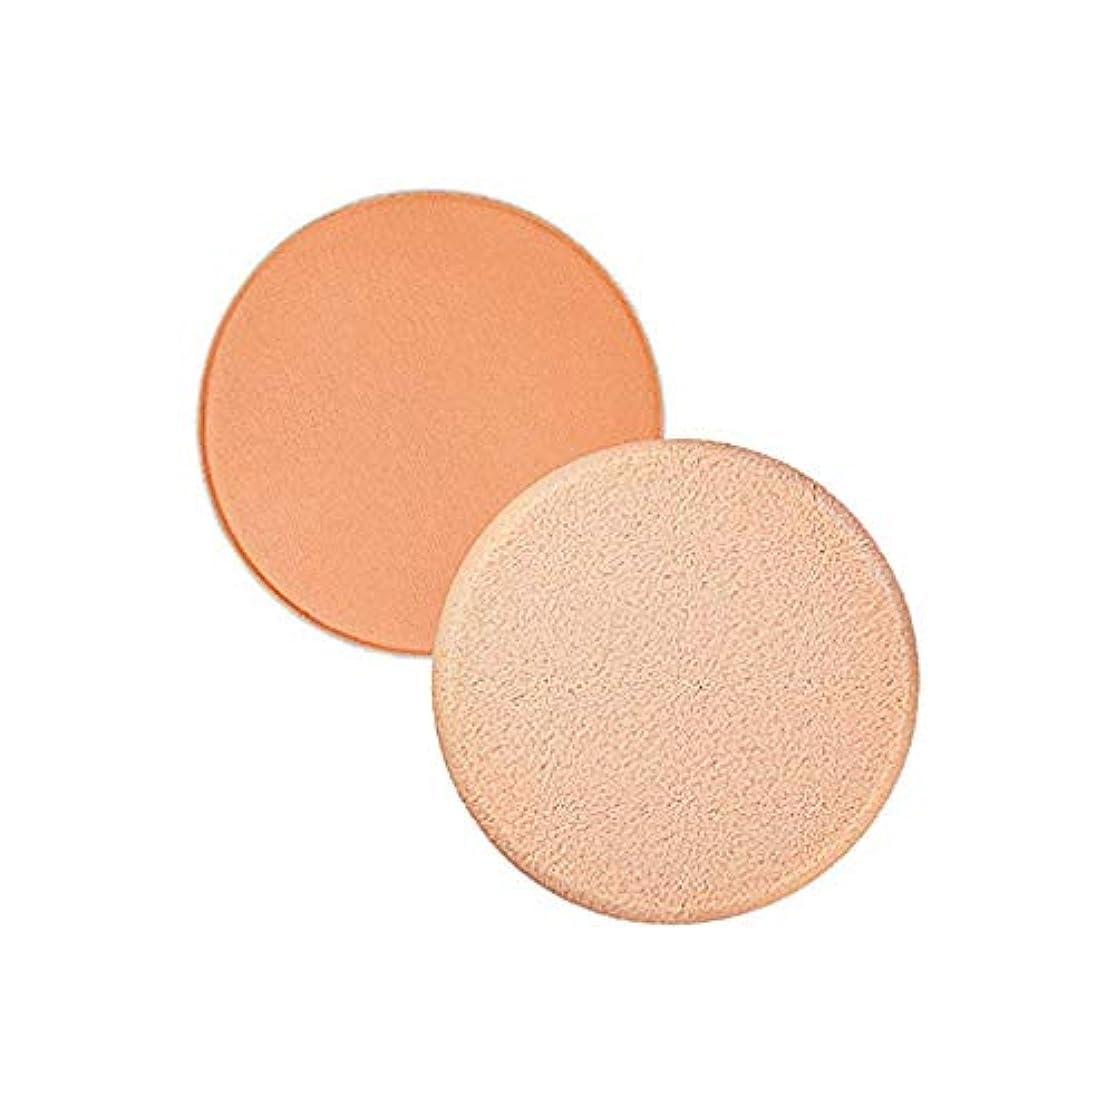 医薬現象昼寝資生堂 UV Protective Compact Foundation SPF36 Refill - #Light Ivory 12g/0.42oz並行輸入品